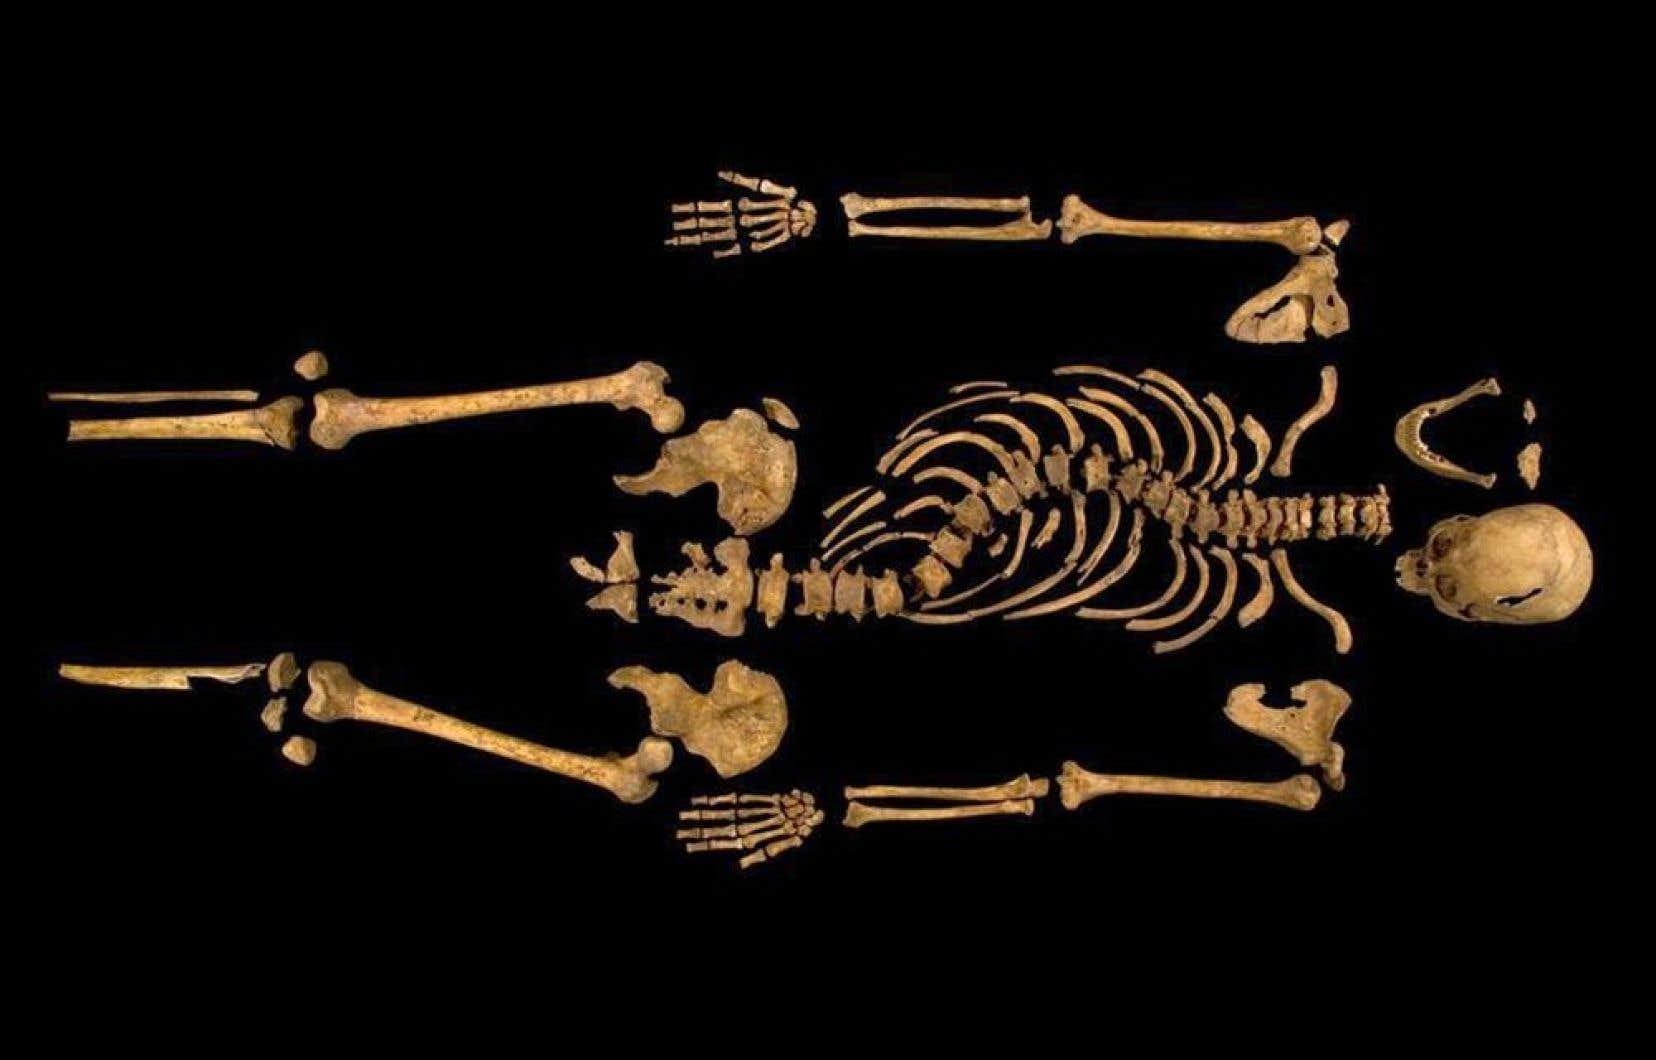 Le squelette de l'ancien roi d'Angleterre Richard III, mort il y a 500 ans, a été retrouvé l'an dernier. Ses restes ont été identifiés grâce à l'ADN d'un Canadien, qui est un lointain descendant du roi.